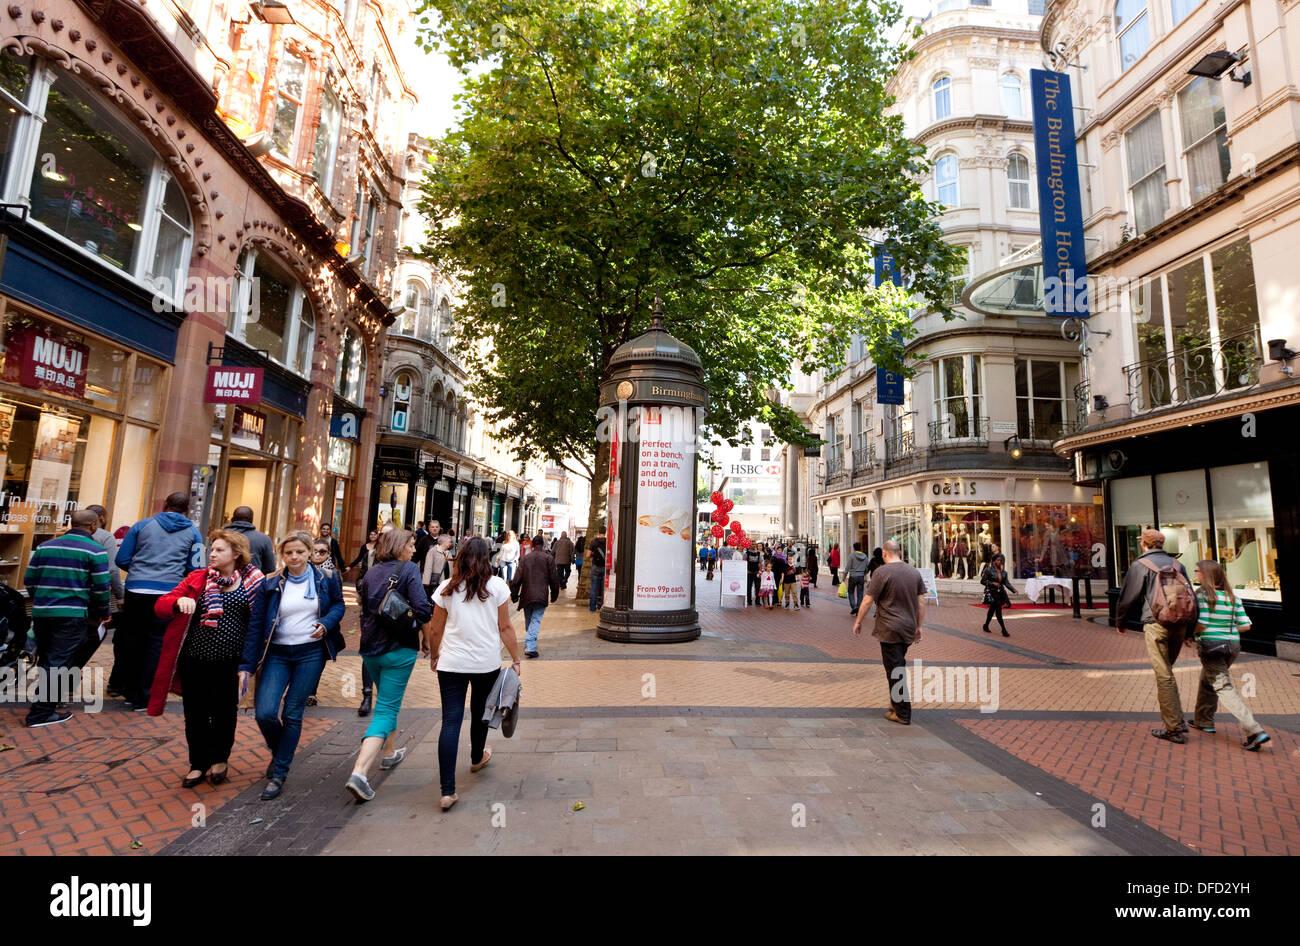 Menschen beim Einkaufen auf einer High-Fußgängerzone - neue Straße, Stadtzentrum von Birmingham, UK Stockbild